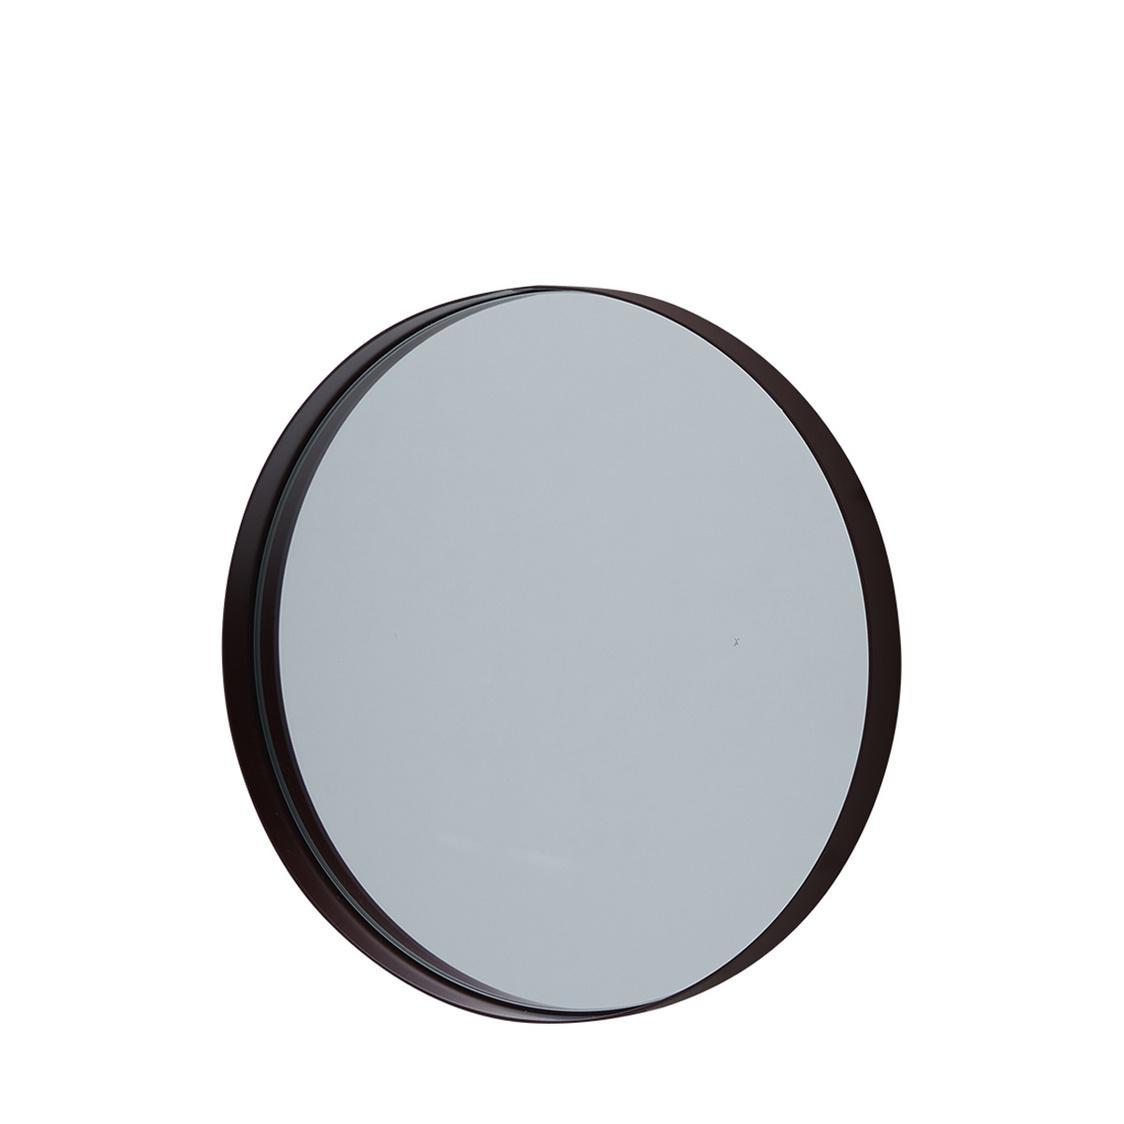 Iloom Glen Studio Round Mirror Hsaa0203-Bur